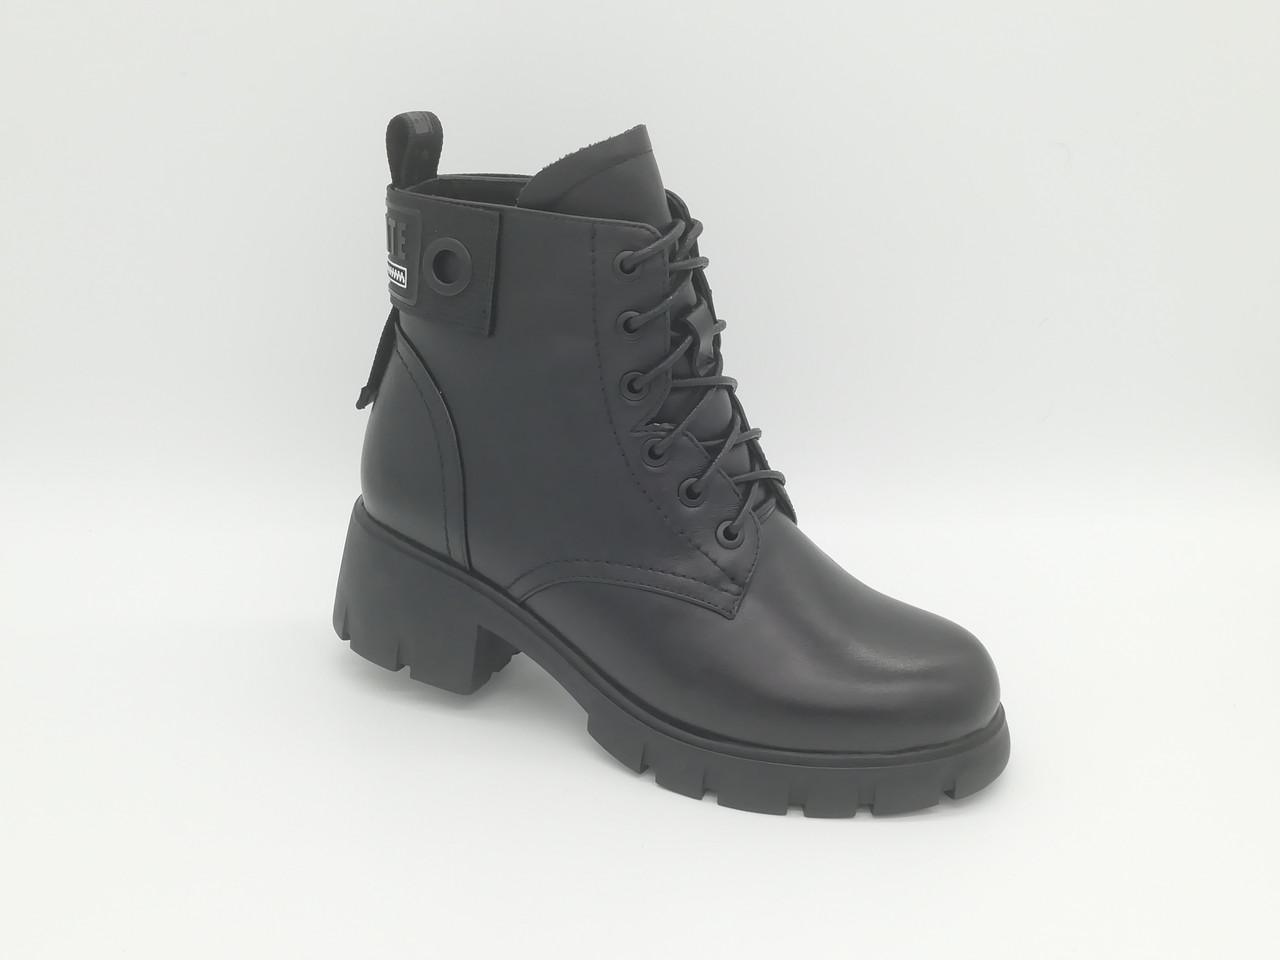 Зимние ботиночки на толстой подошве. Маленькие (33 - 35) размеры.